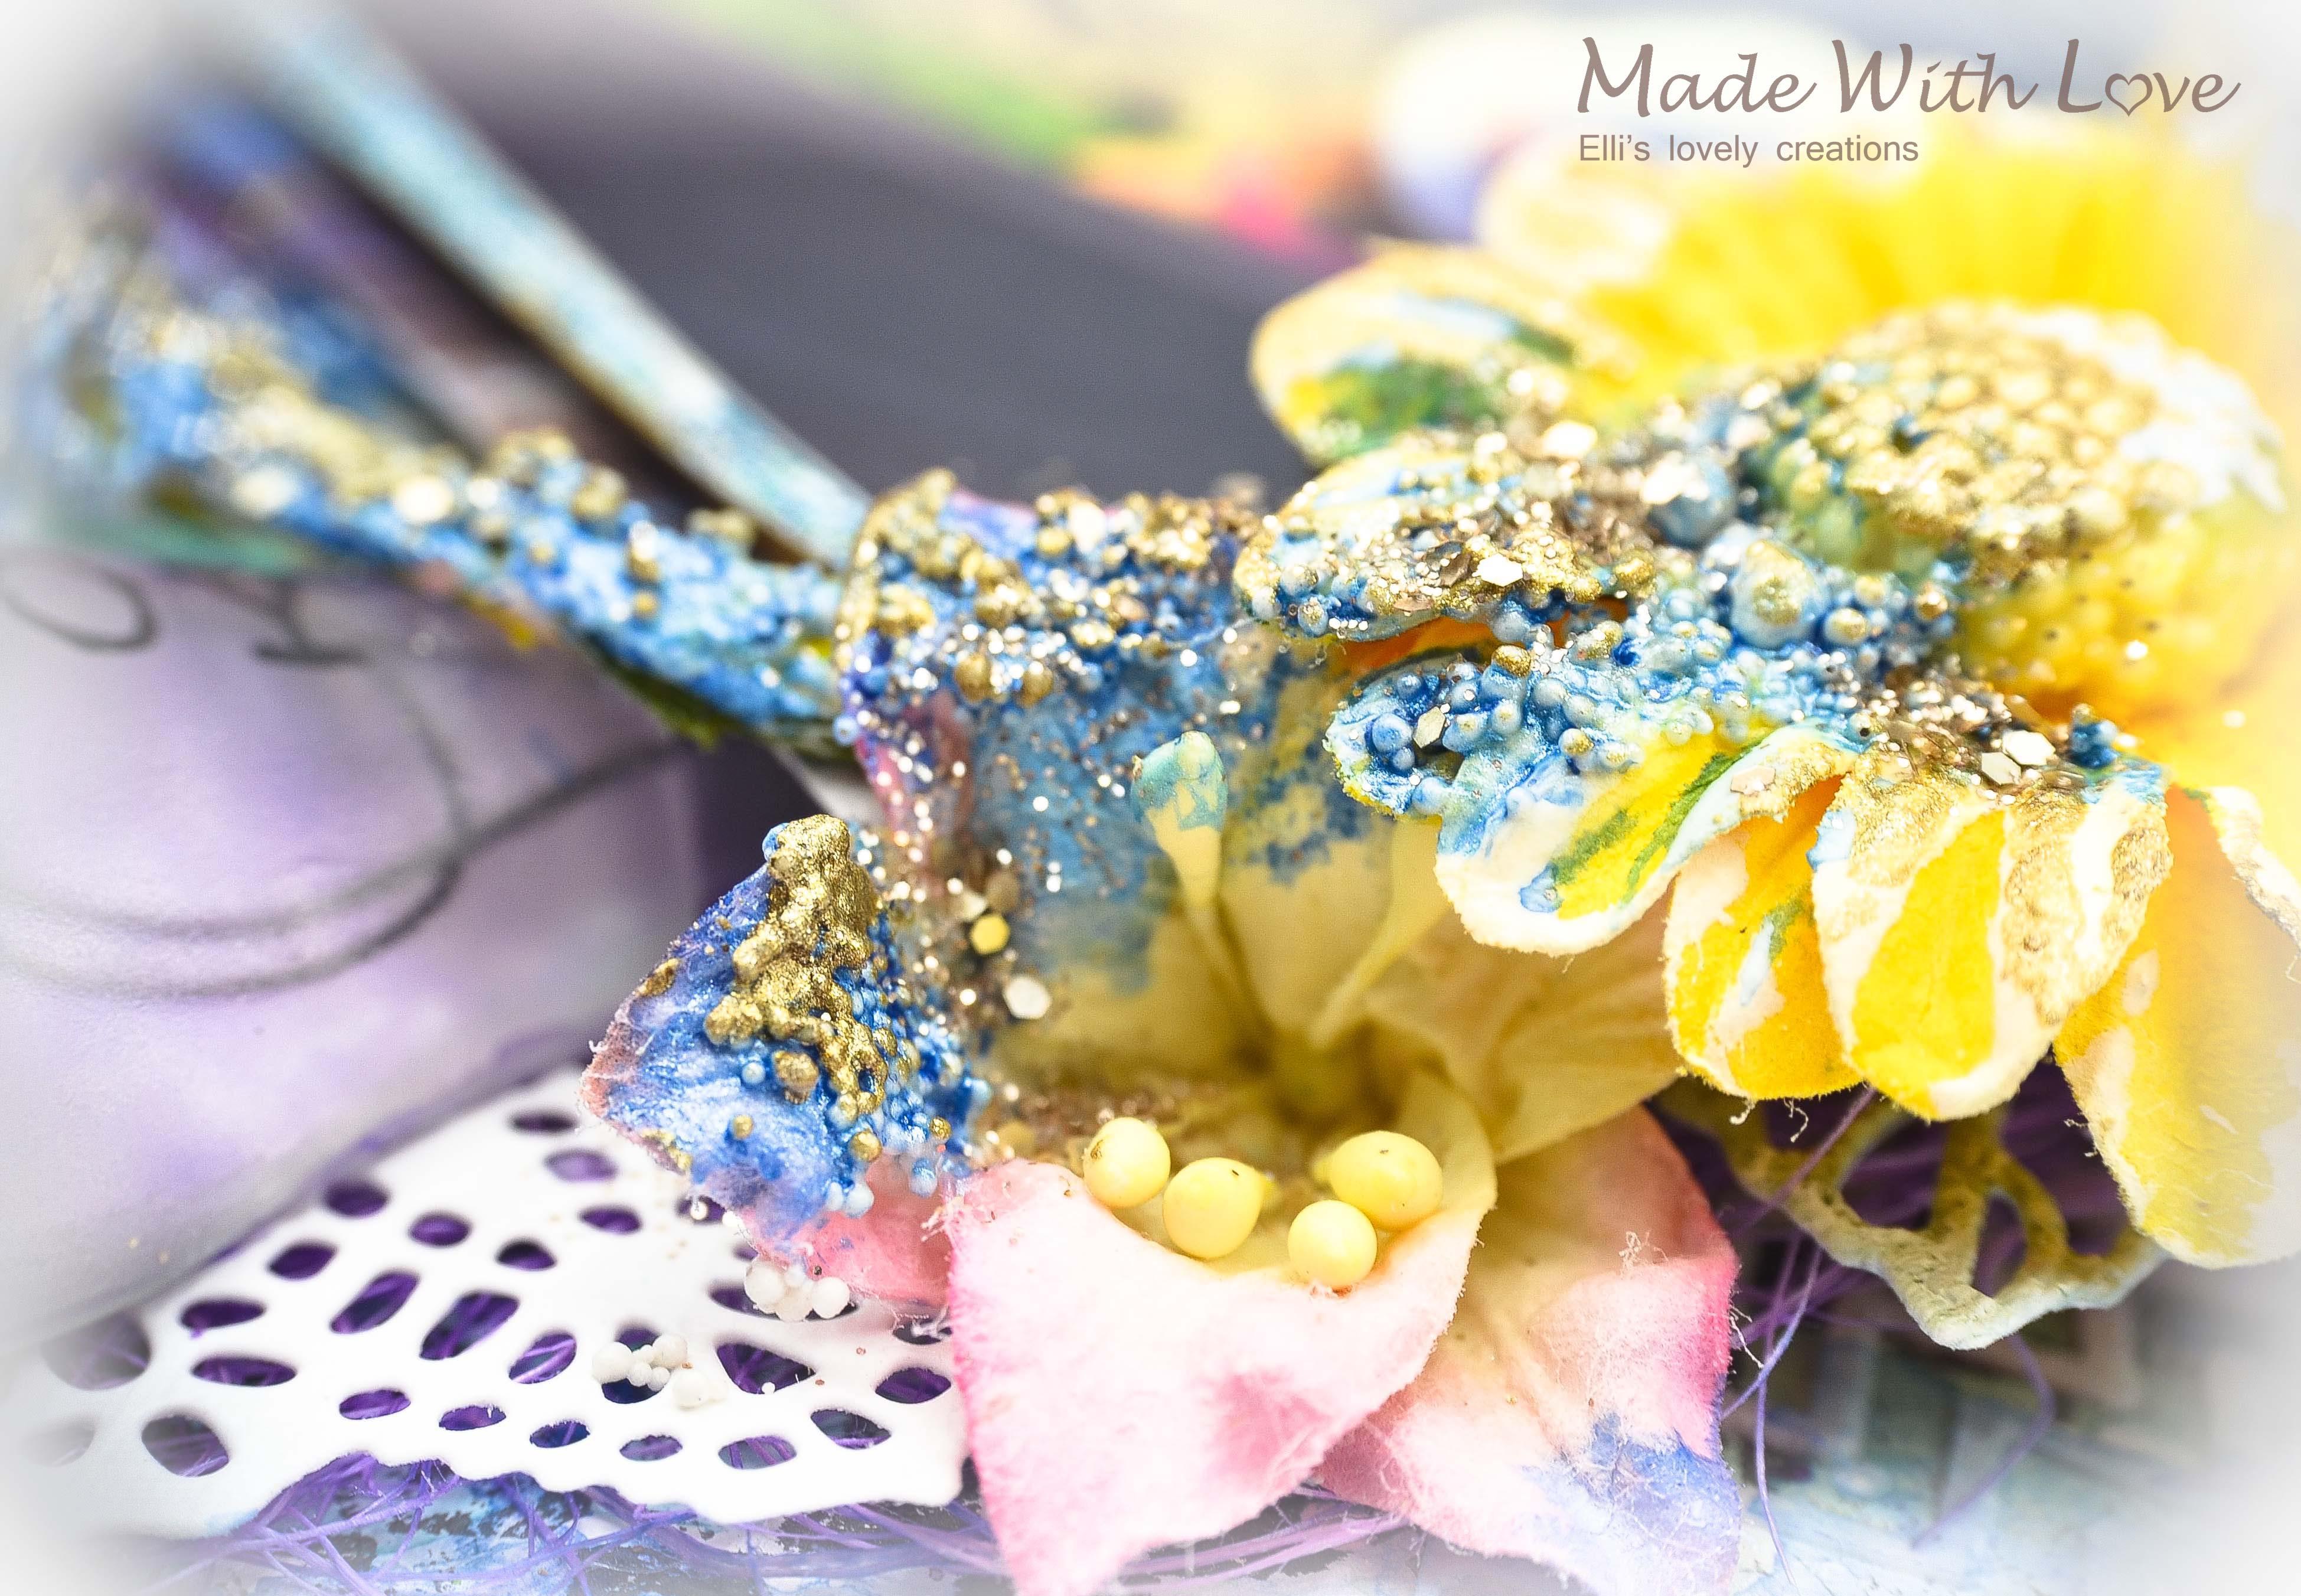 Mixed Media Summer Garden Wedding Album Cover Enjoy 0015